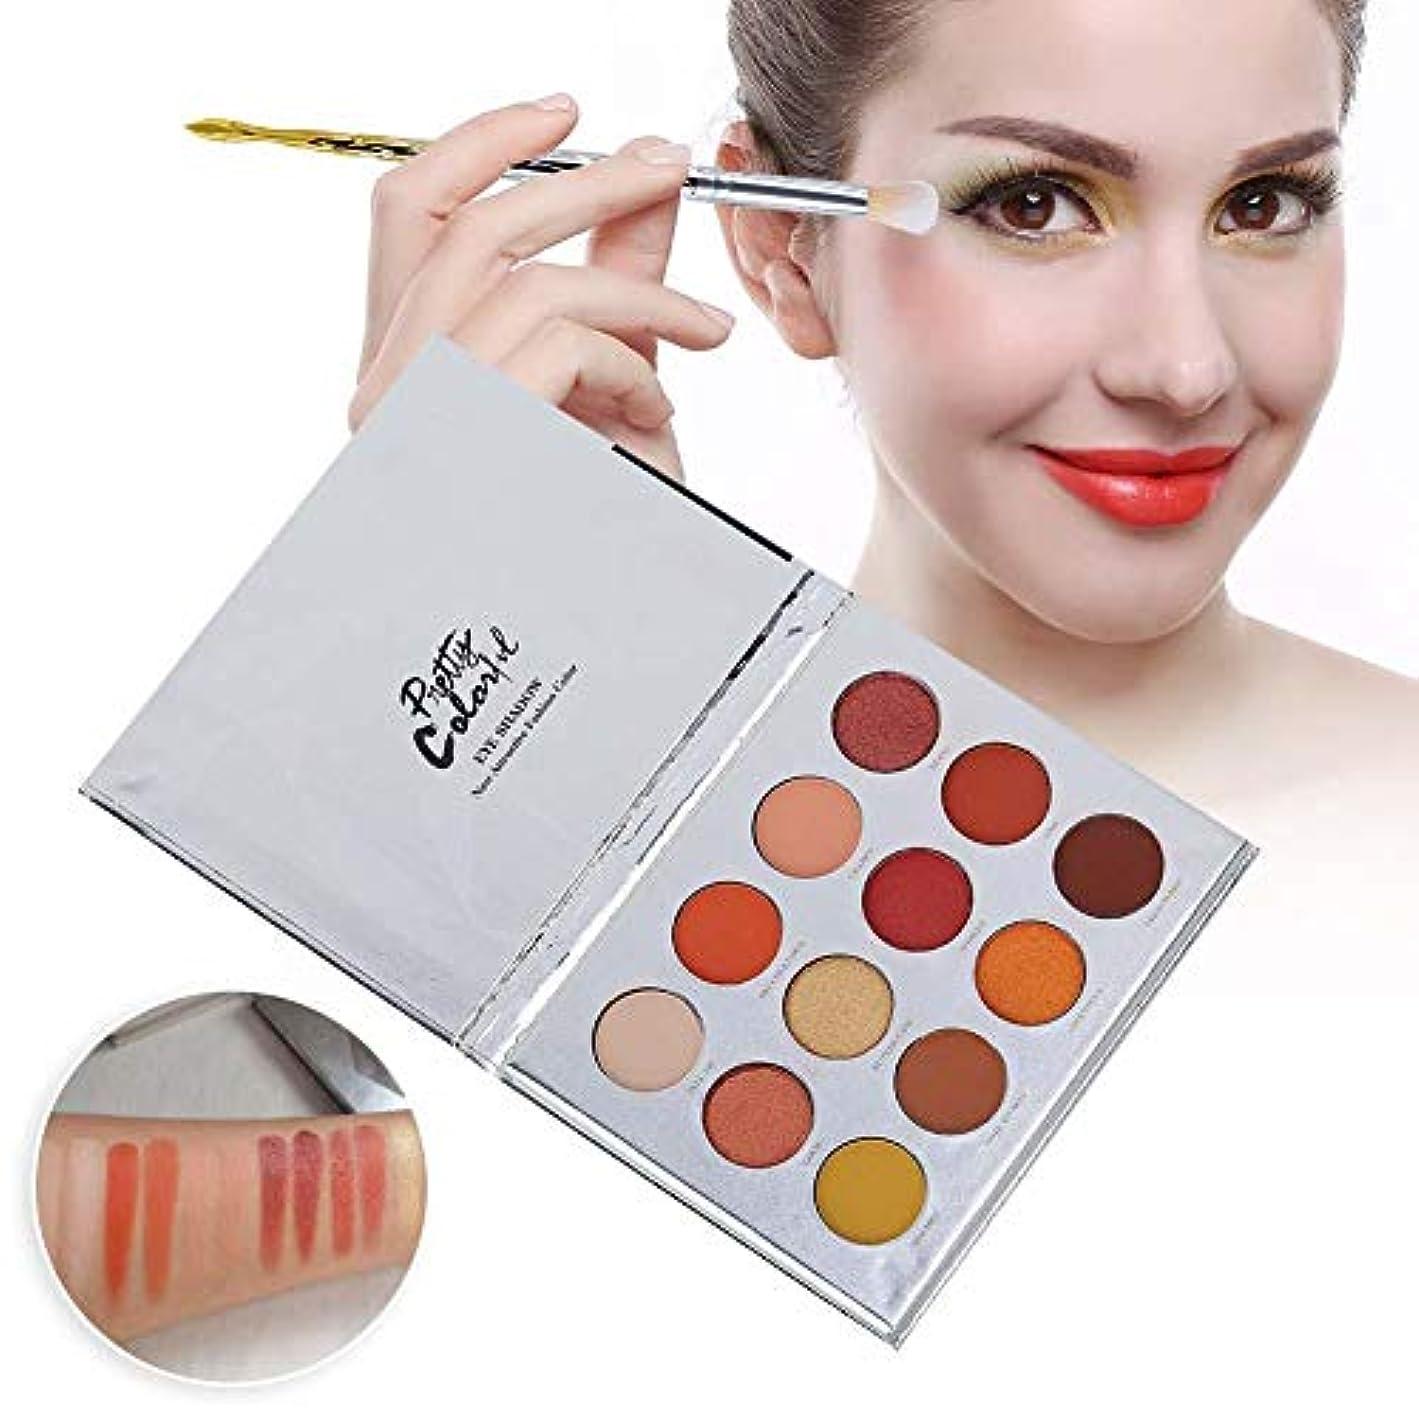 製造ディレクターテーブルアイシャドウパレット 12色 化粧マット 化粧品ツール グロス アイシャドウパウダー